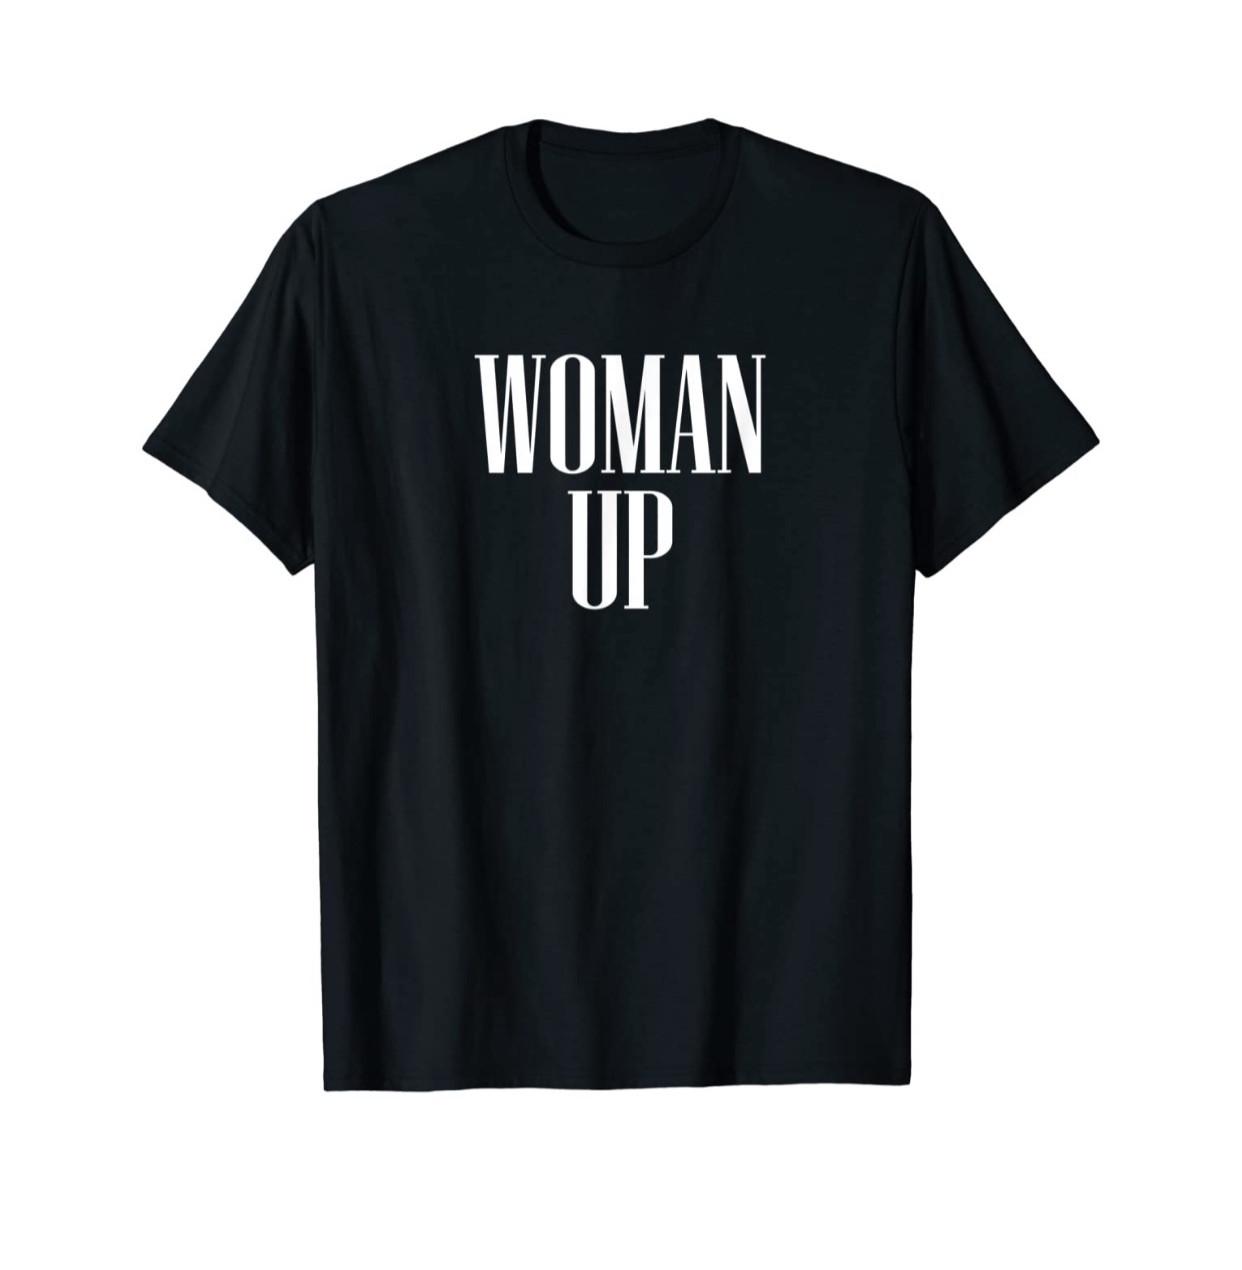 Woman Up Printed T-Shirt